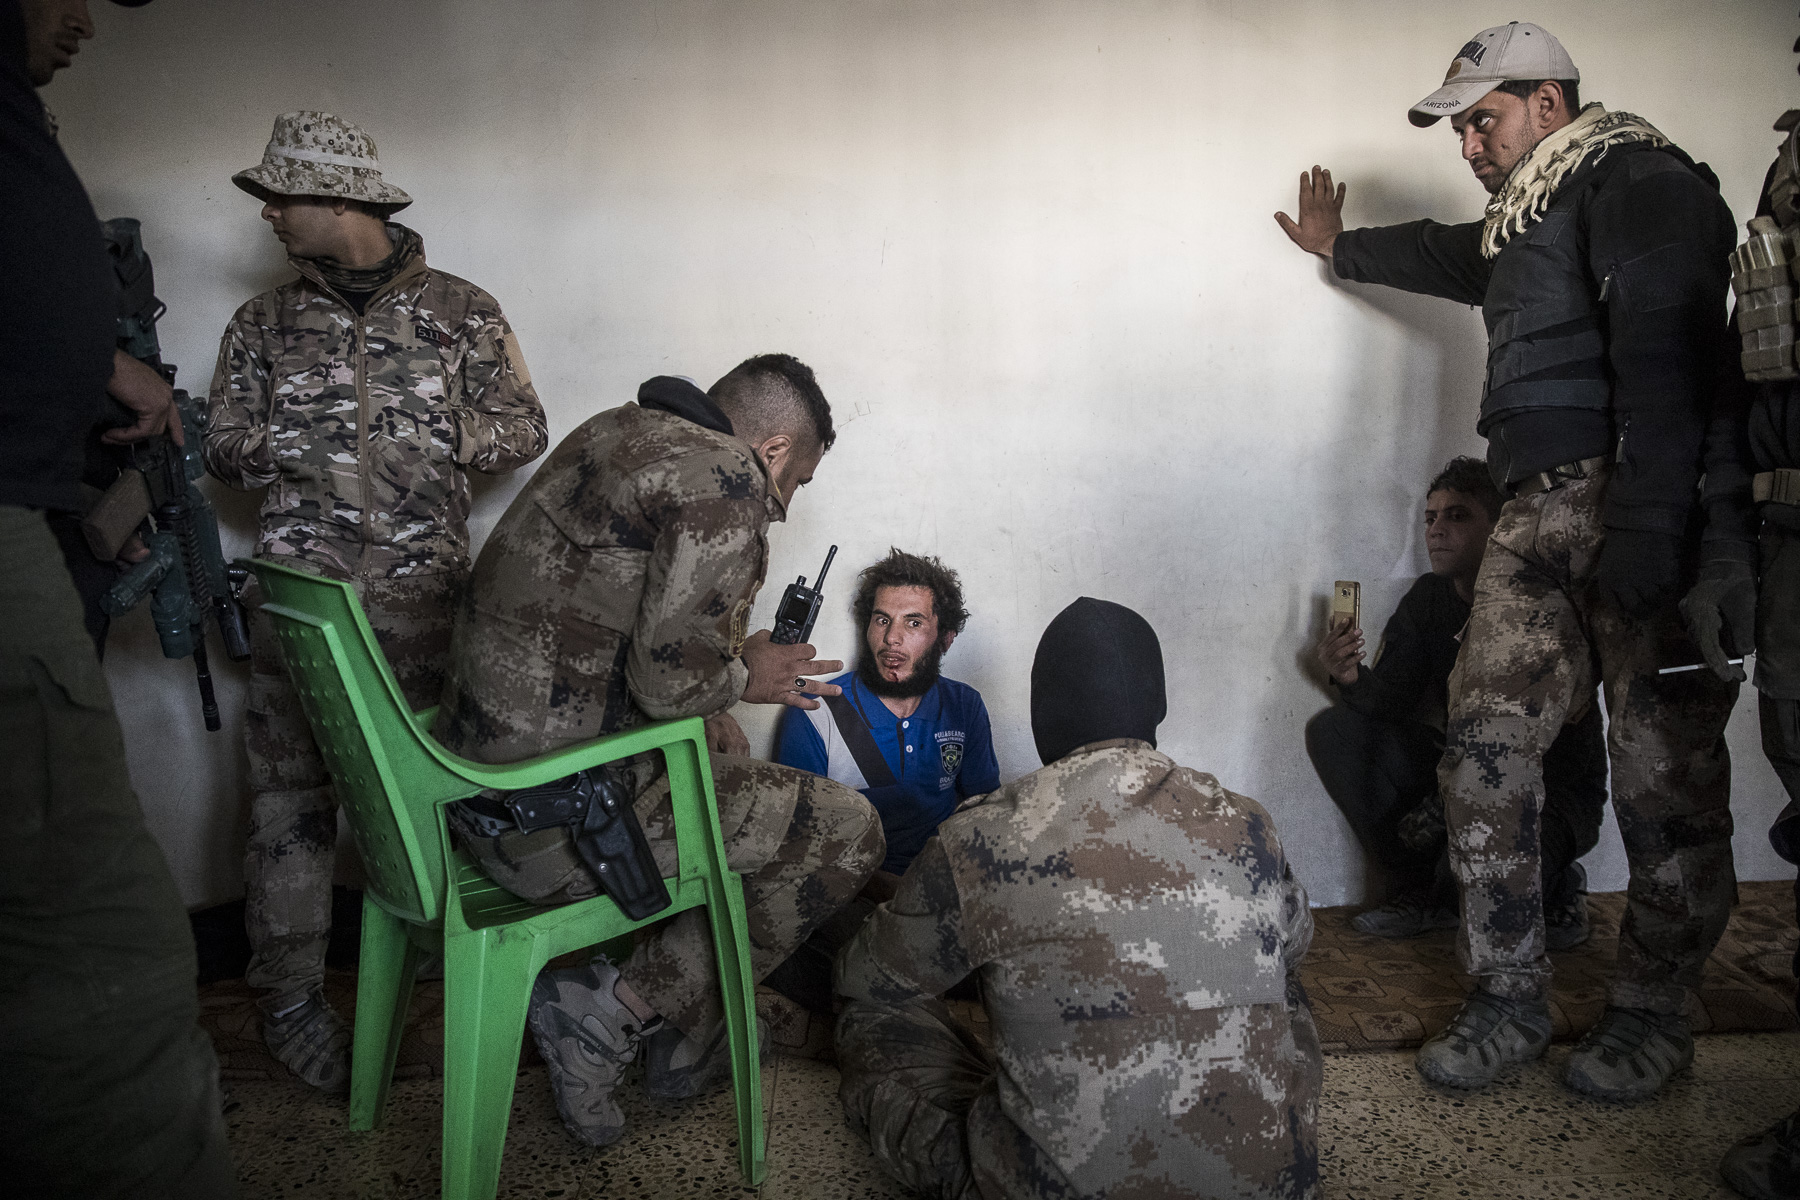 Lundi 7 novembre 2016. L'ICTS / ISOF 1 /Bat 1 conforte ses positions dans le nord est de Mossul. La fouille du quartier continue. Arrestation de deux {quote}espions de Daech{quote}. Ils seront interogés sans ménagement, battus puis jetés à l'arrière d'un Humvee.....Véronique Robert en ITV avec le chef d'Etat Major des armées Iraquienne, le Général Taleb al Kinani.